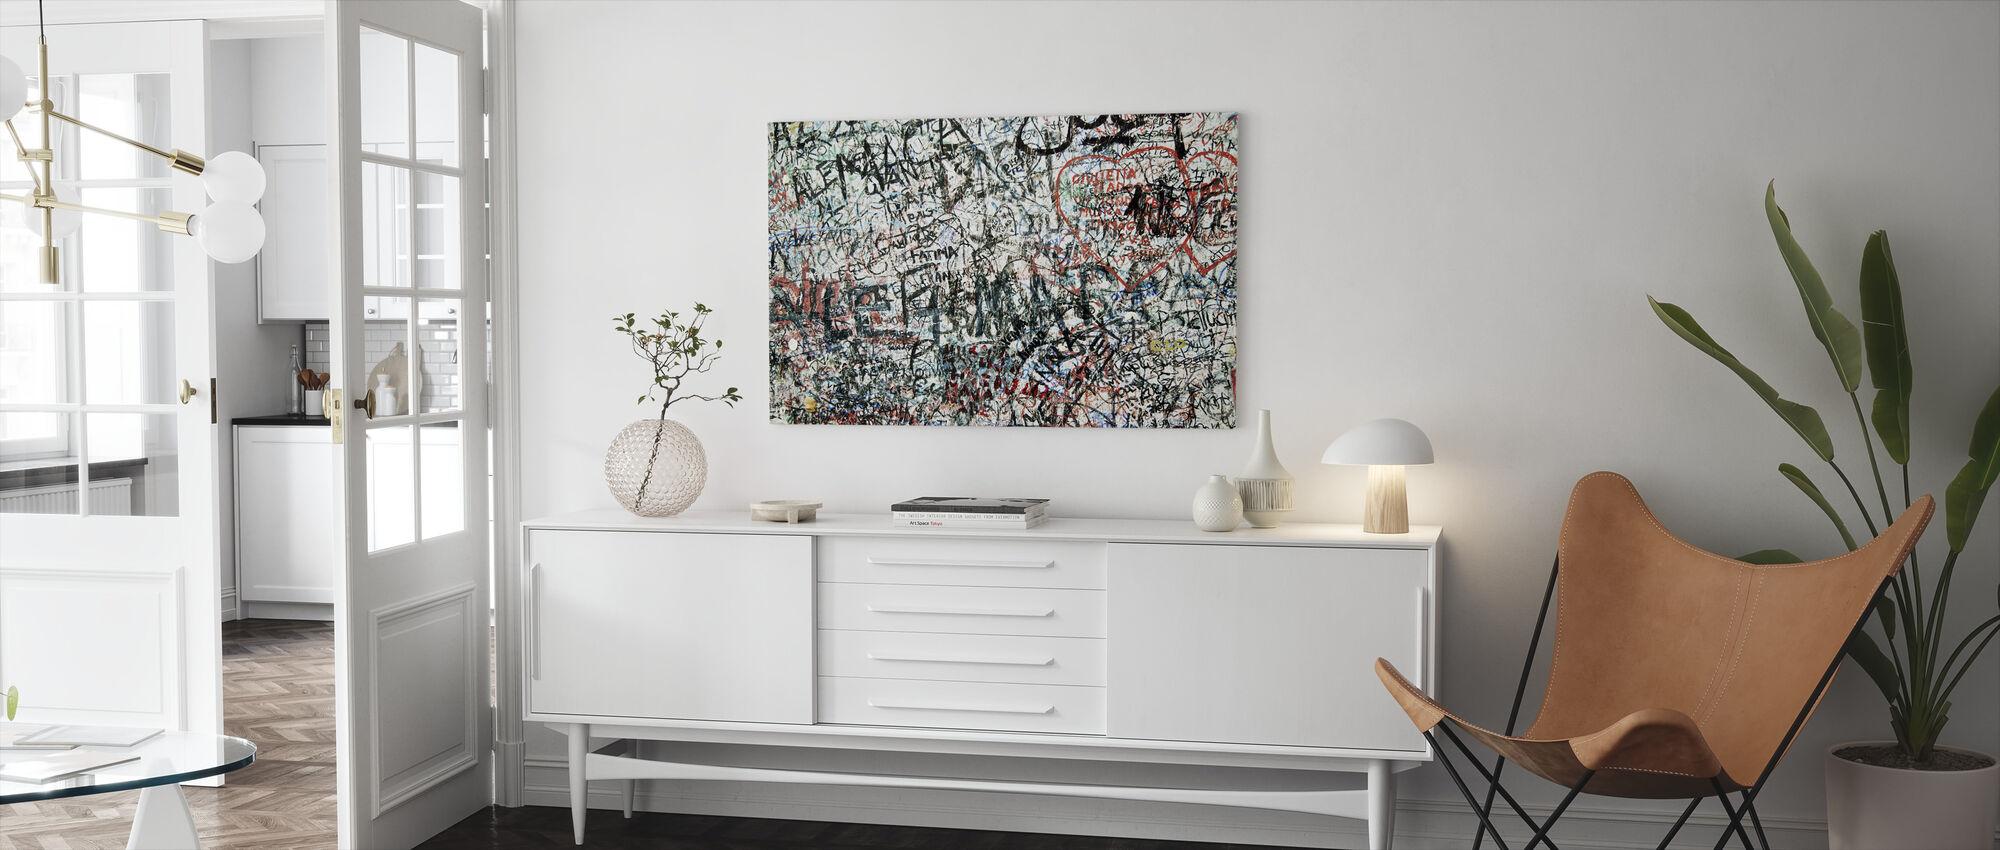 Lovers væg - Billede på lærred - Stue